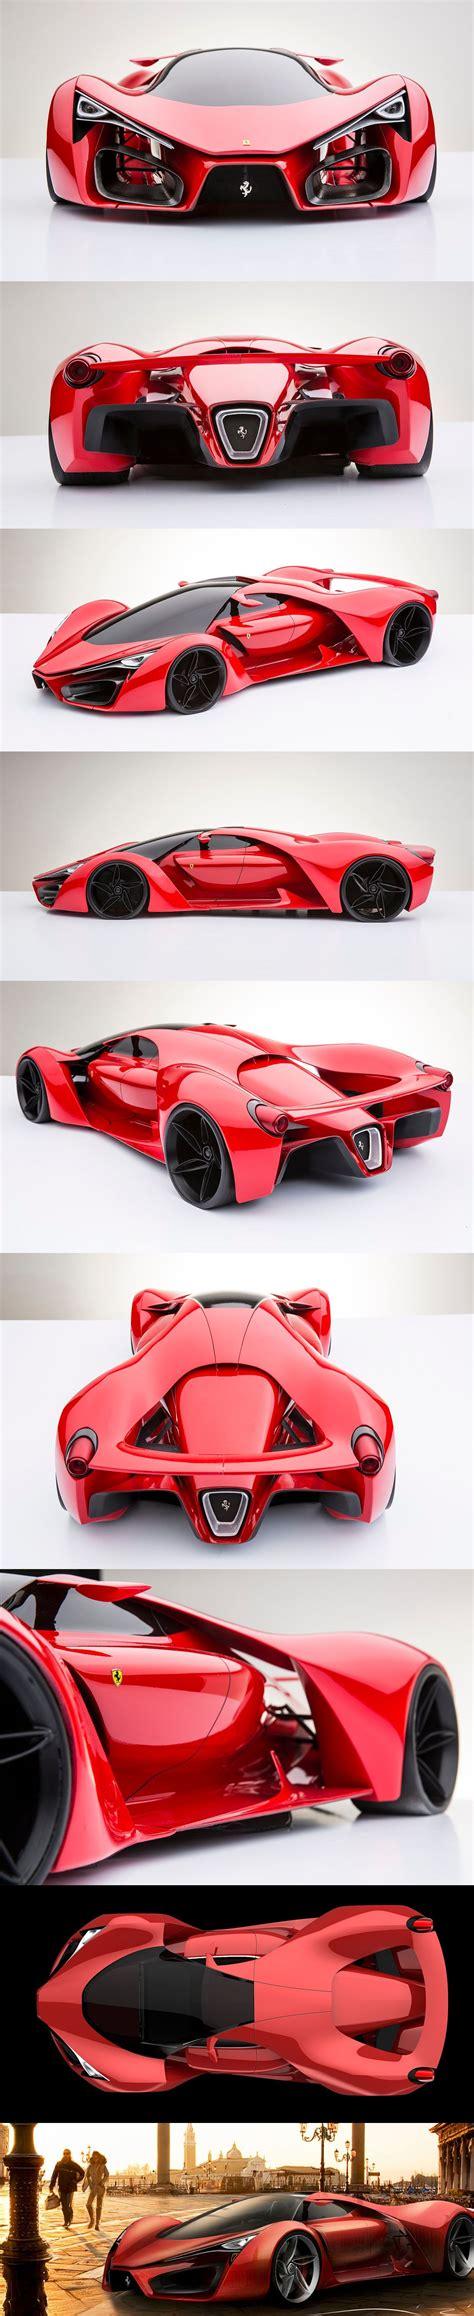 ferrari f80 ferrari f80 concept love this car max speed 310 2 2